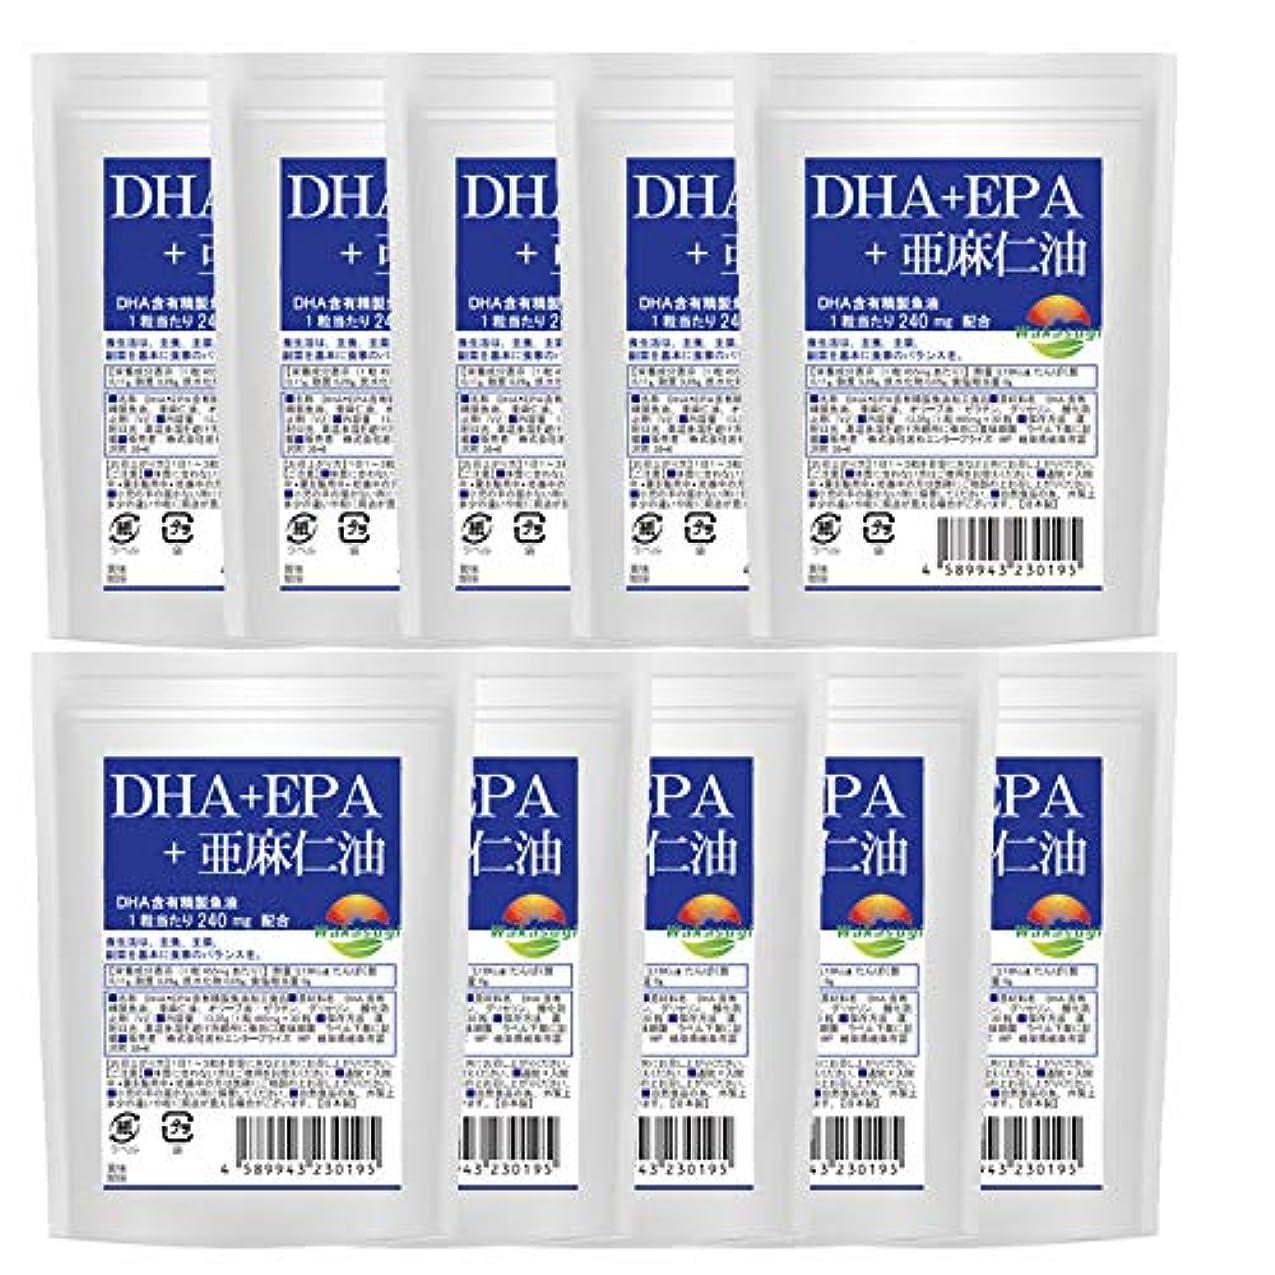 ジョージスティーブンソンカトリック教徒全国DHA+EPA+亜麻仁油 ソフトカプセル30粒 10袋セット 合計300カプセル まとめ売り